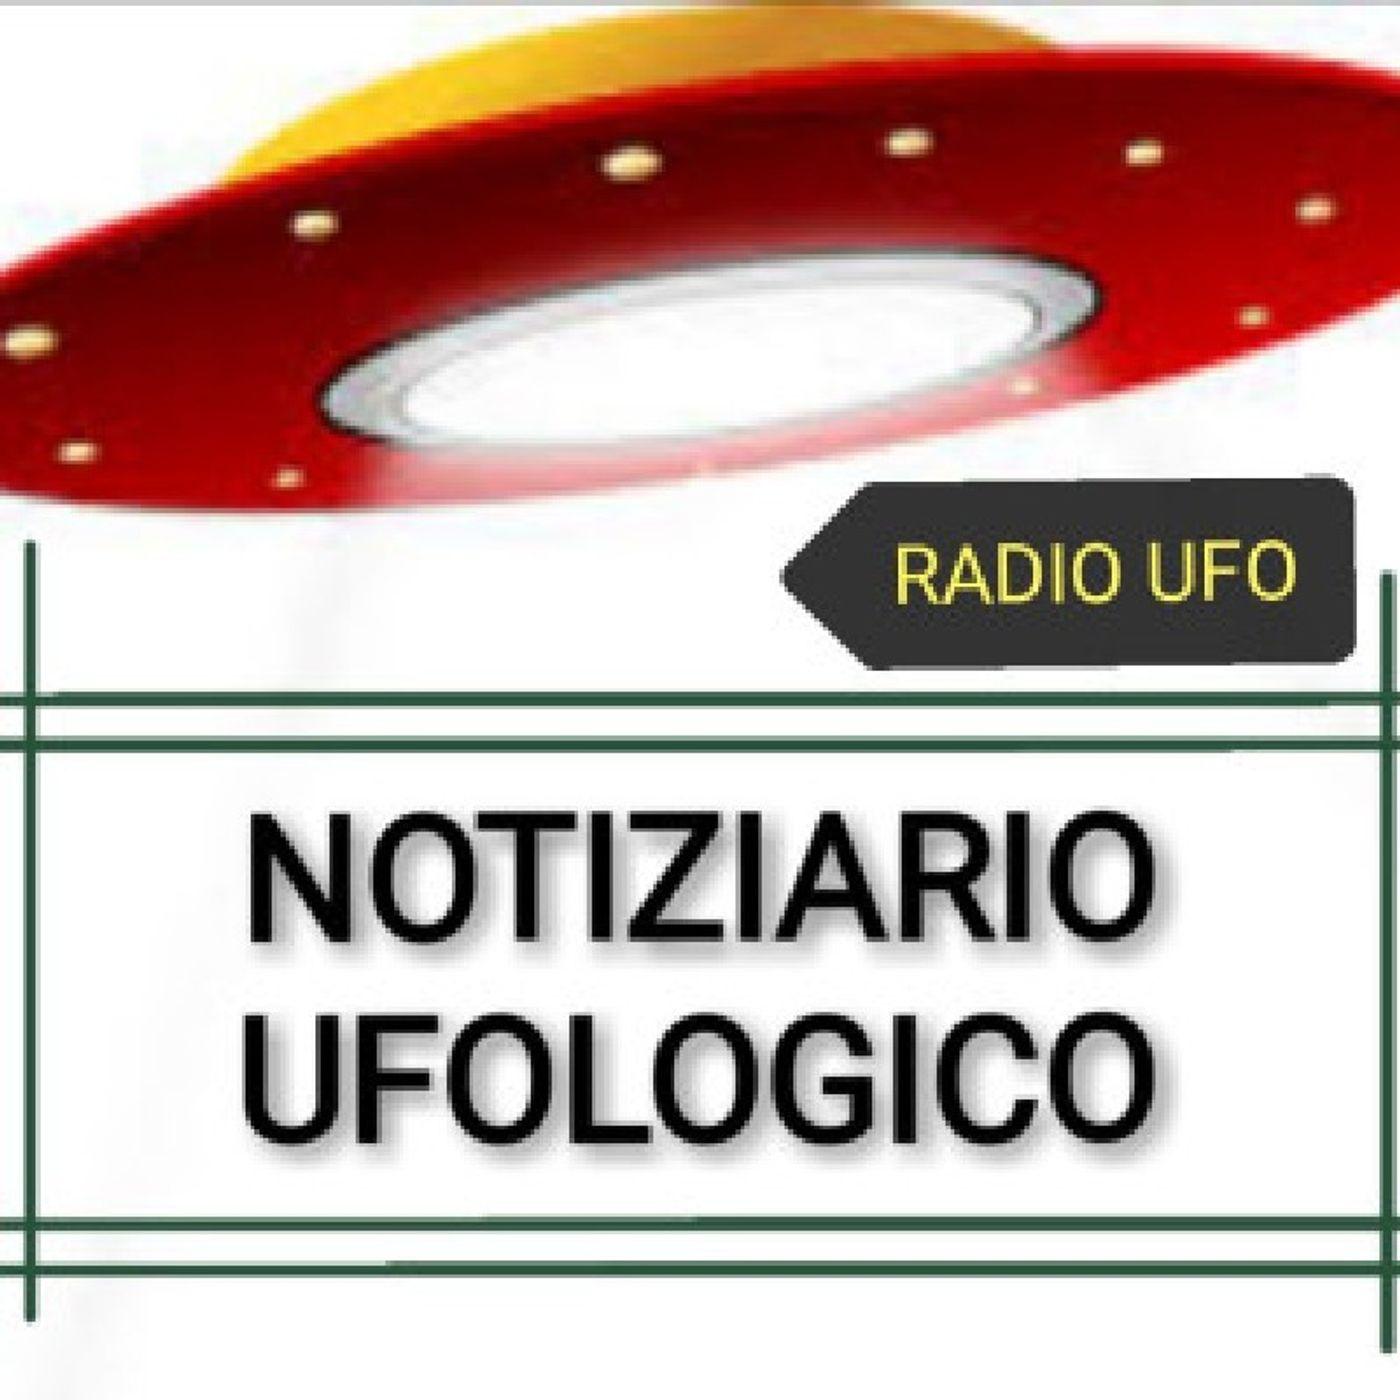 NOTIZIARIO UFOLOGICO #18